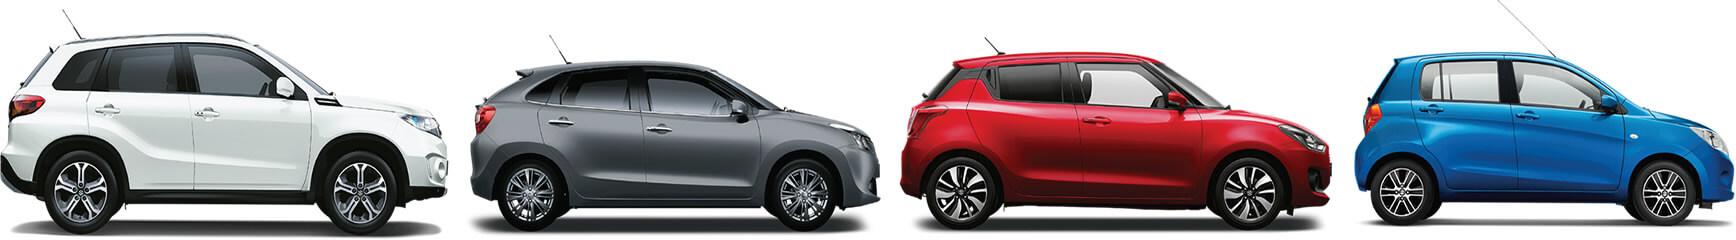 avax_cars_offer